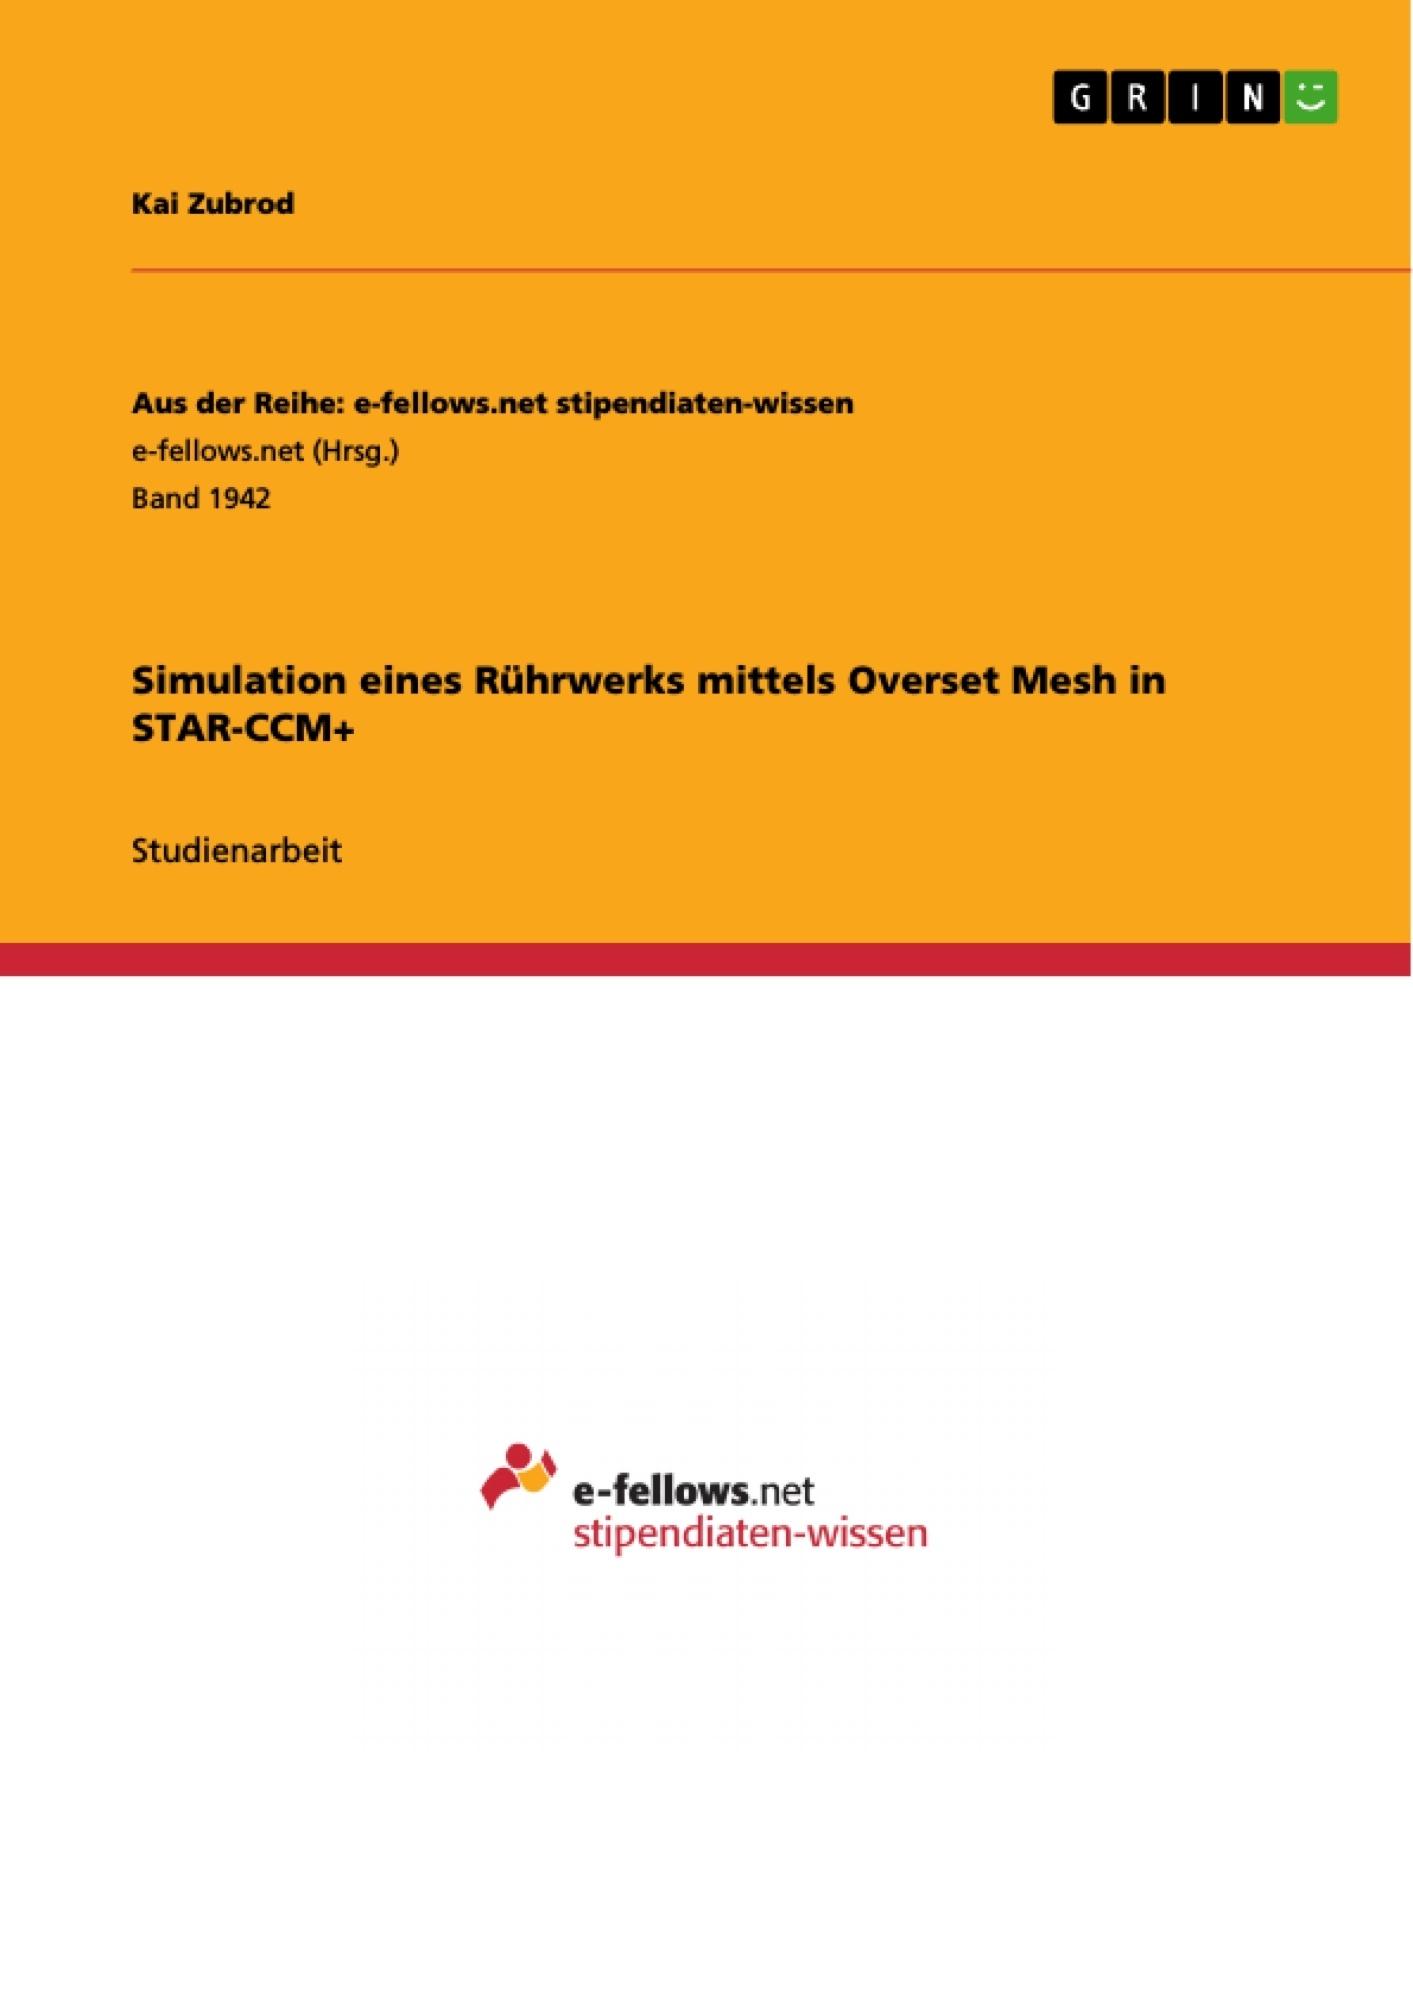 Titel: Simulation eines Rührwerks mittels Overset Mesh in STAR-CCM+